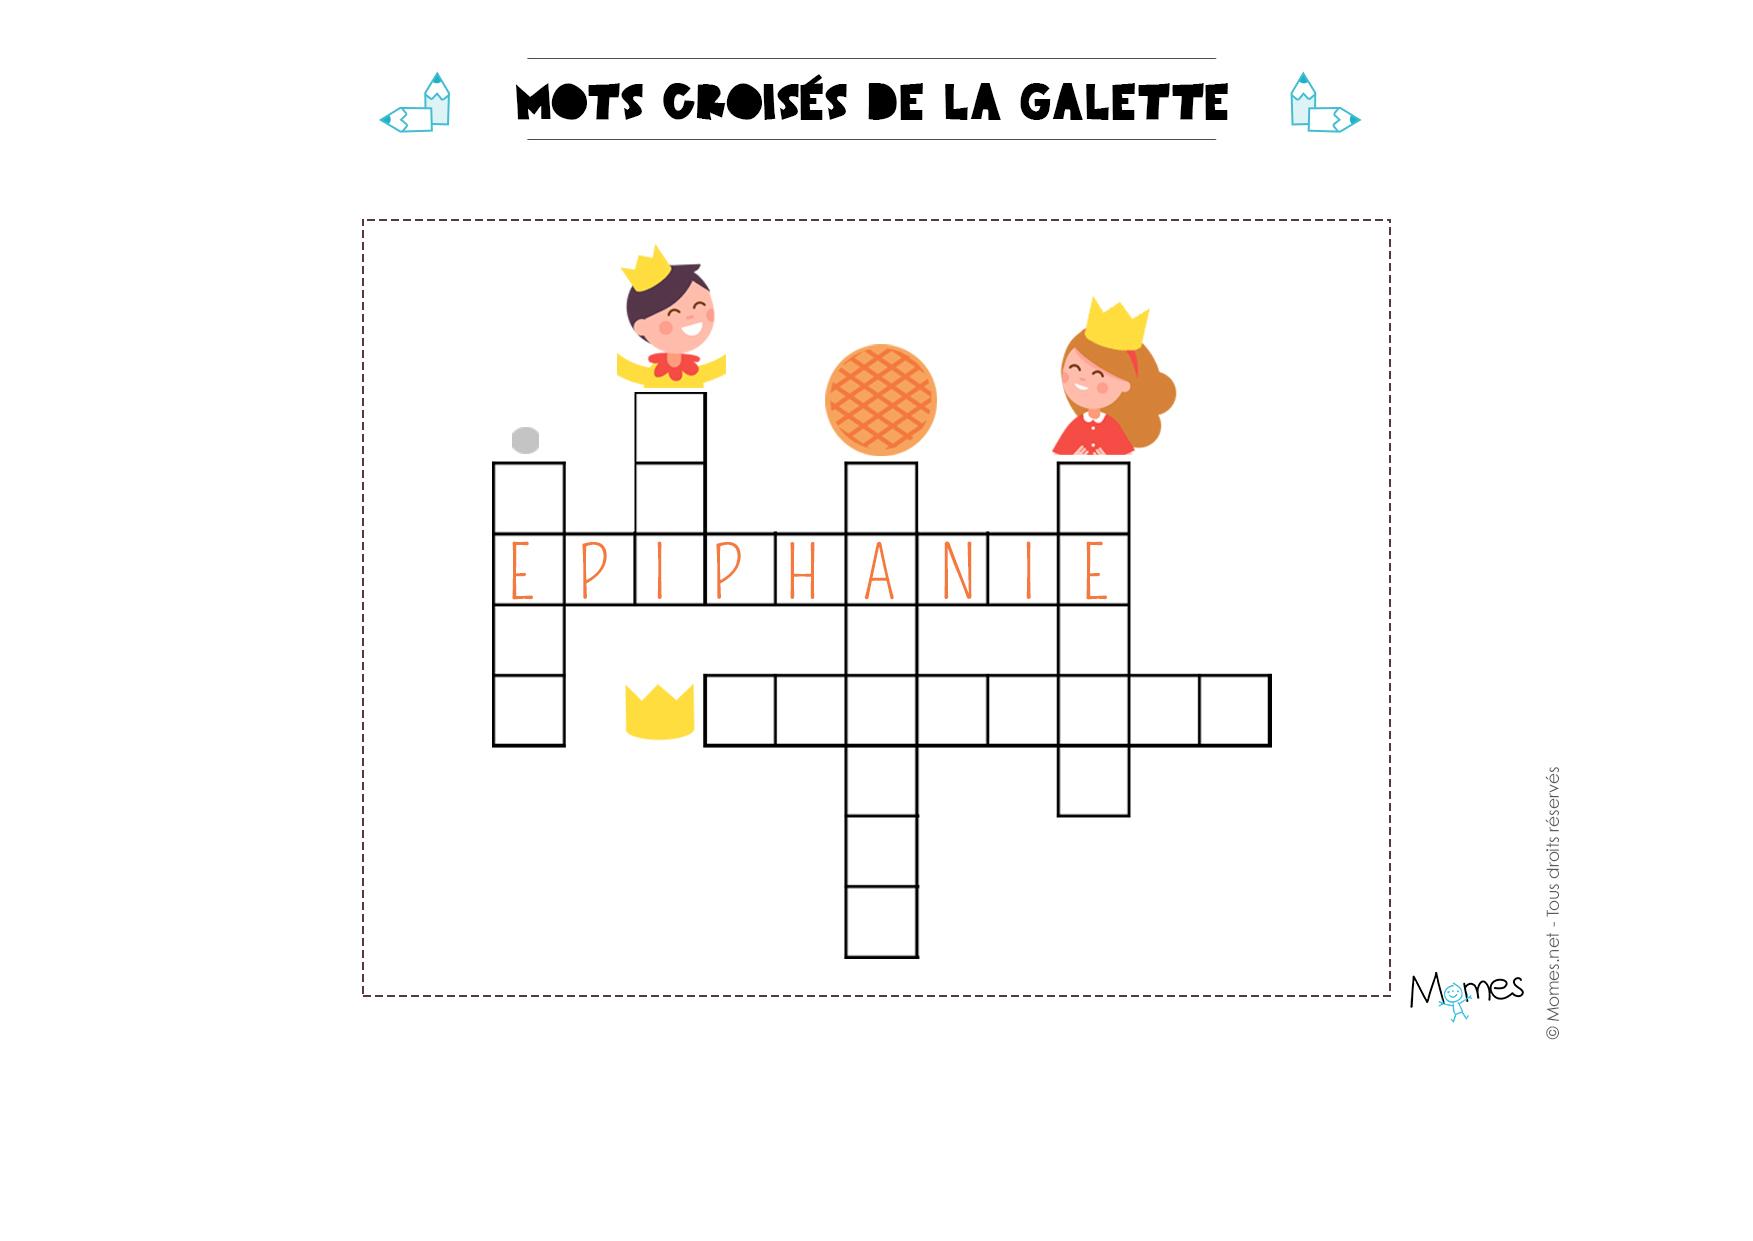 Mots Croisés De La Galette - Momes à Mots Fleches Enfants